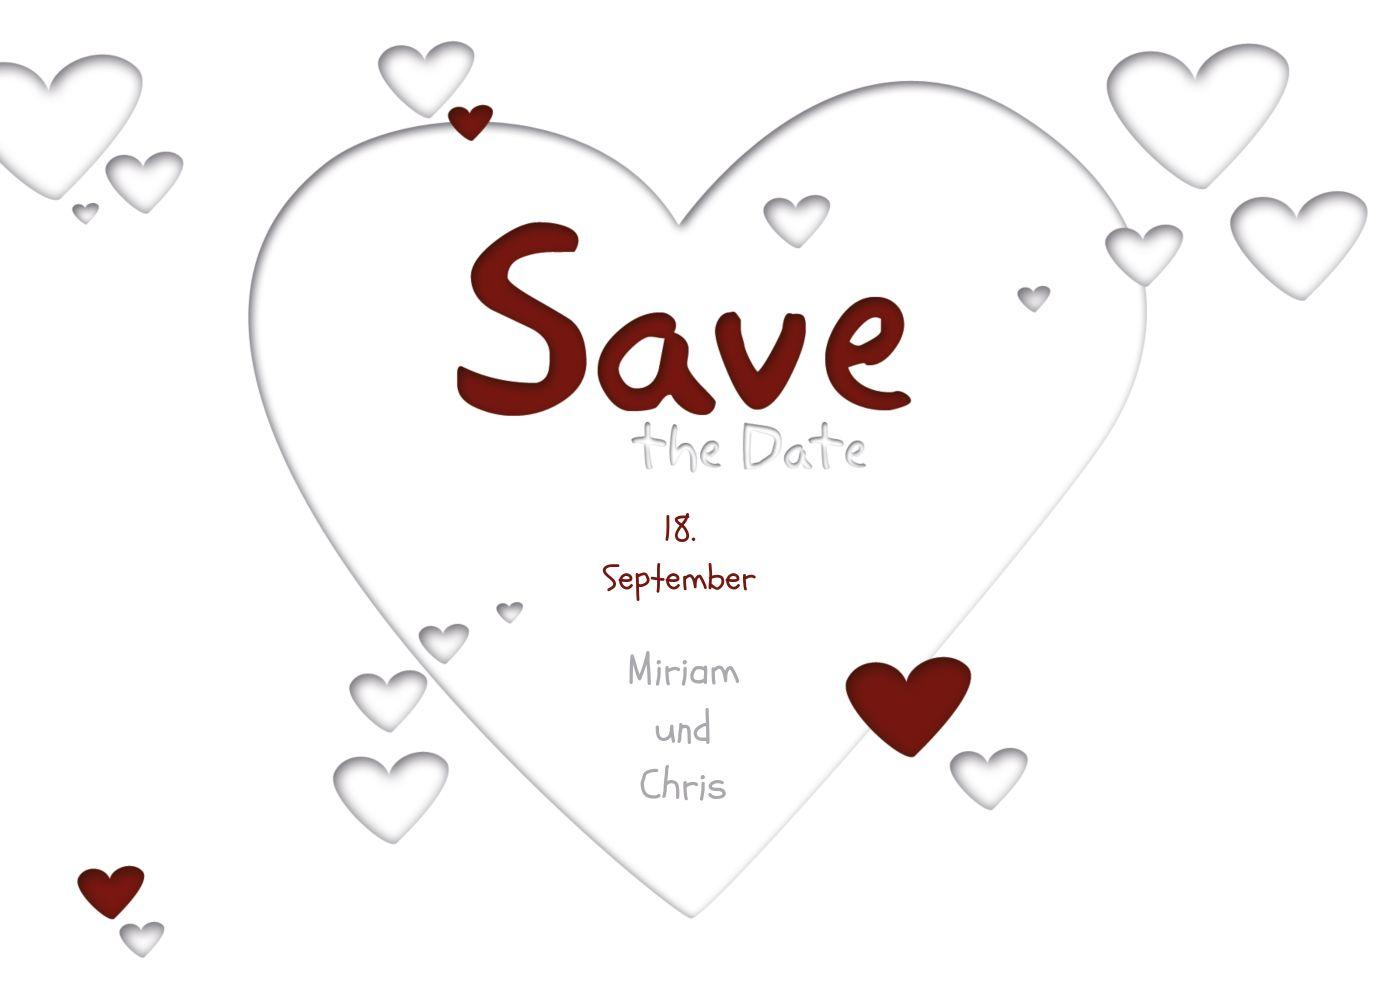 Ansicht 2 - Save-the-Date Herzform